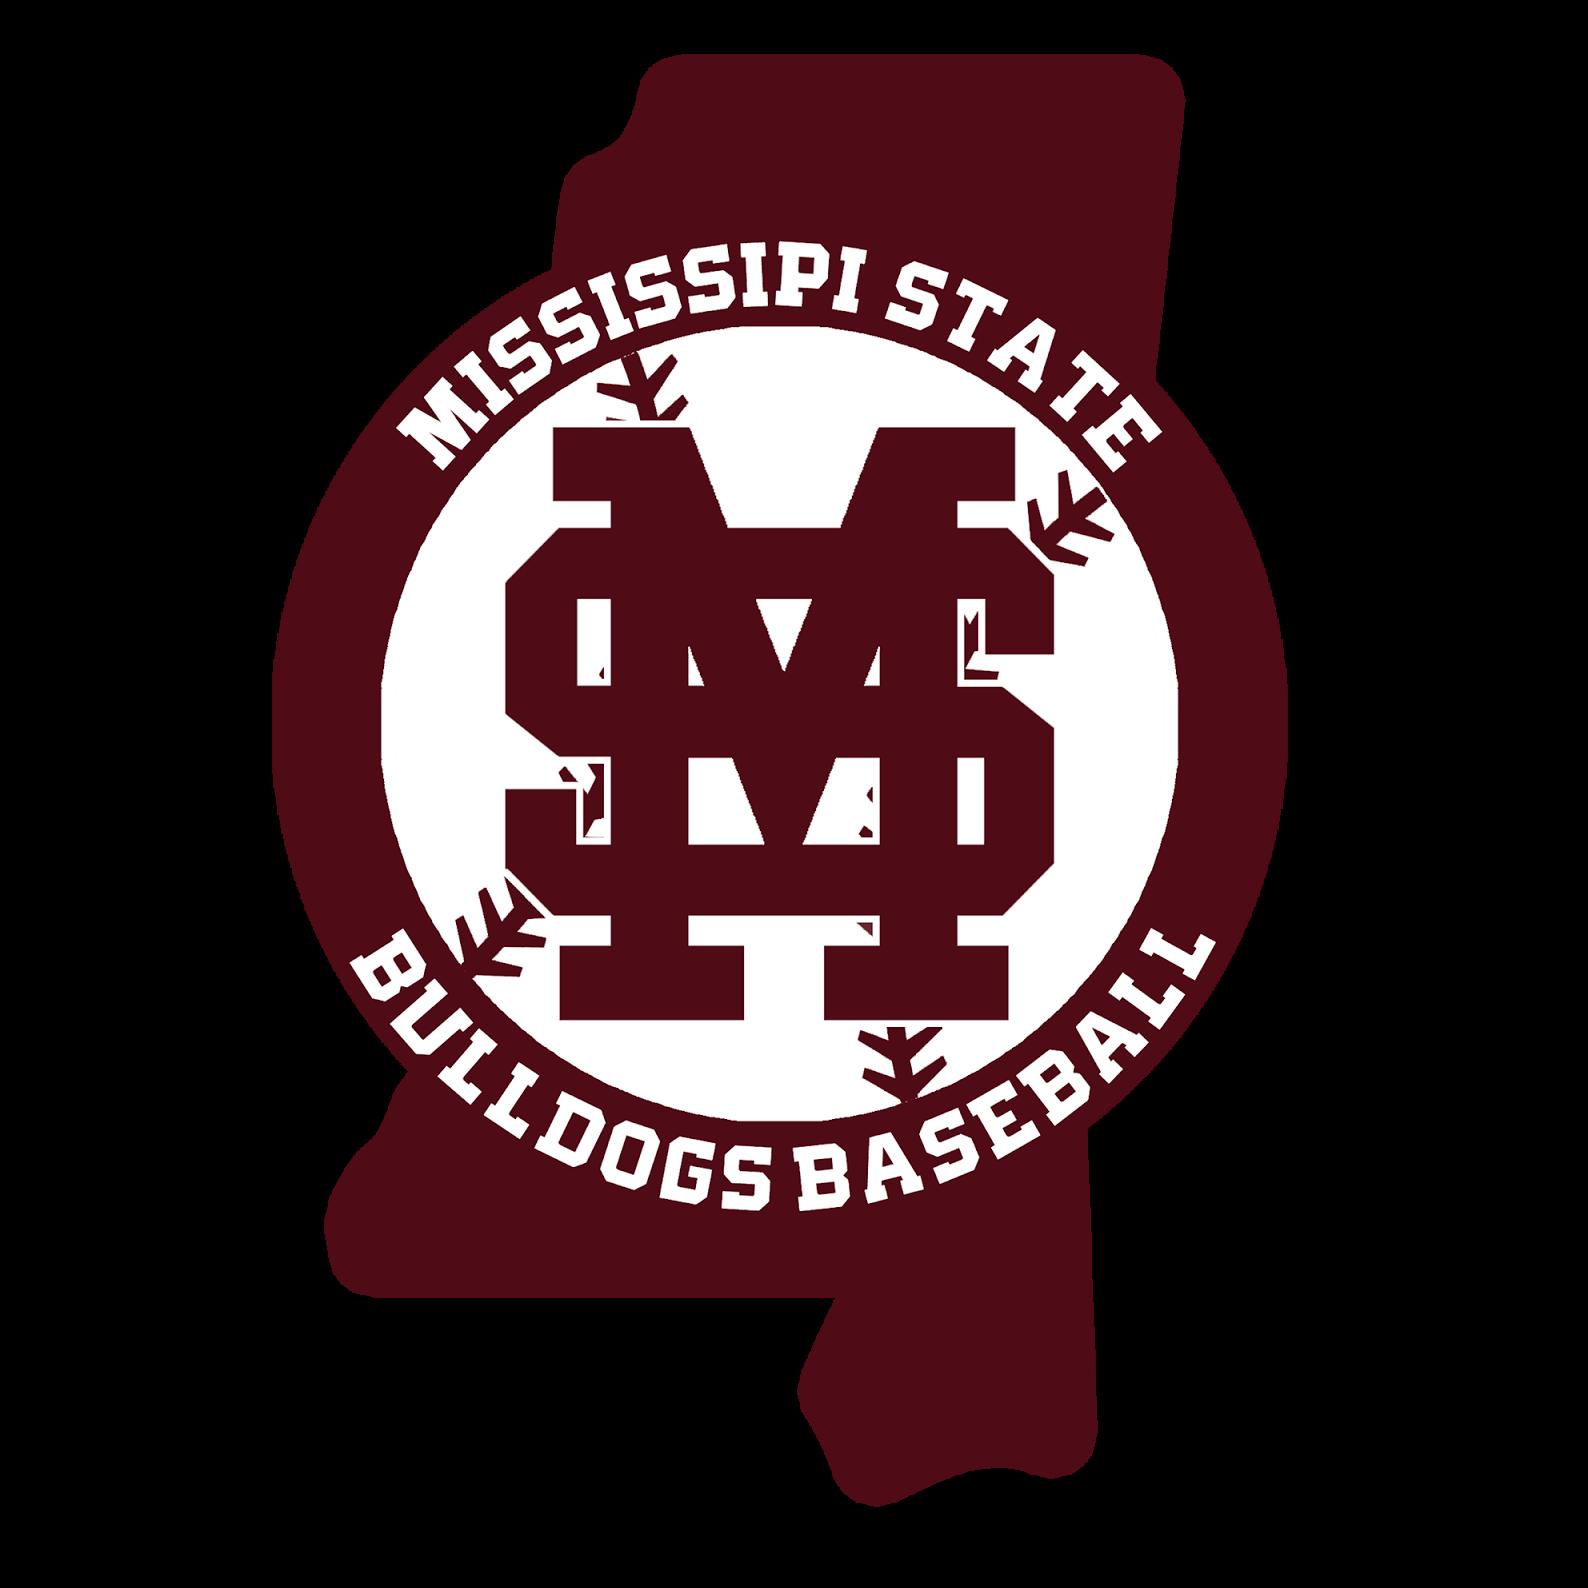 Mississippi State Baseball 2019 Home Games